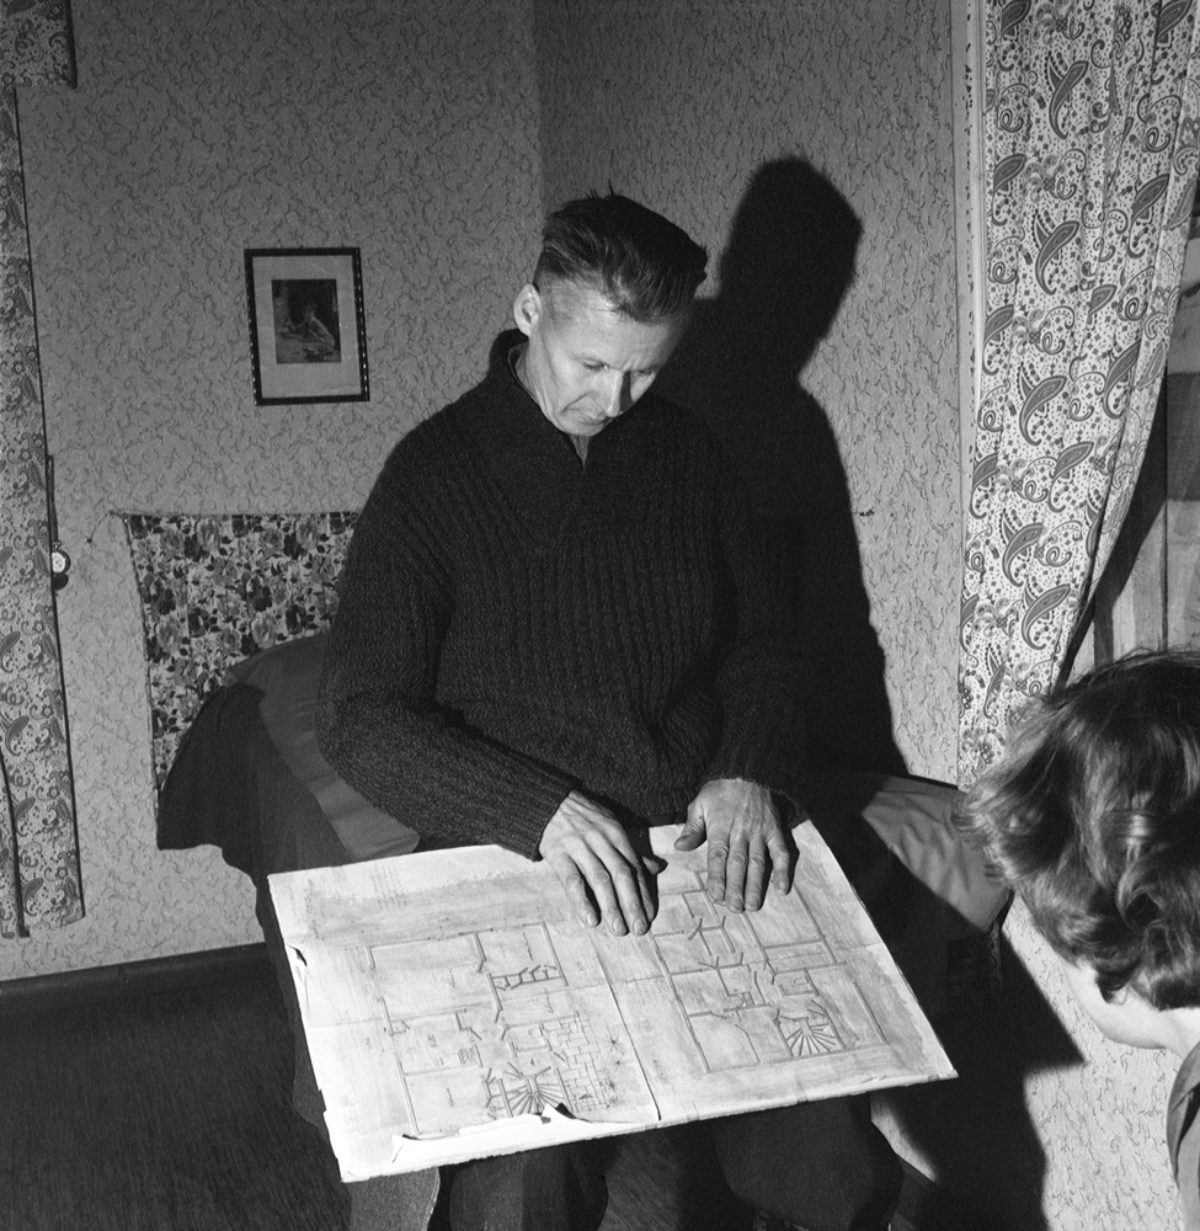 Johan Venninen granskar byggnadsritningarna av sitt hus. Foto: UA Saarinen / Journalistiska bildarkivet JOKA / Museiverket